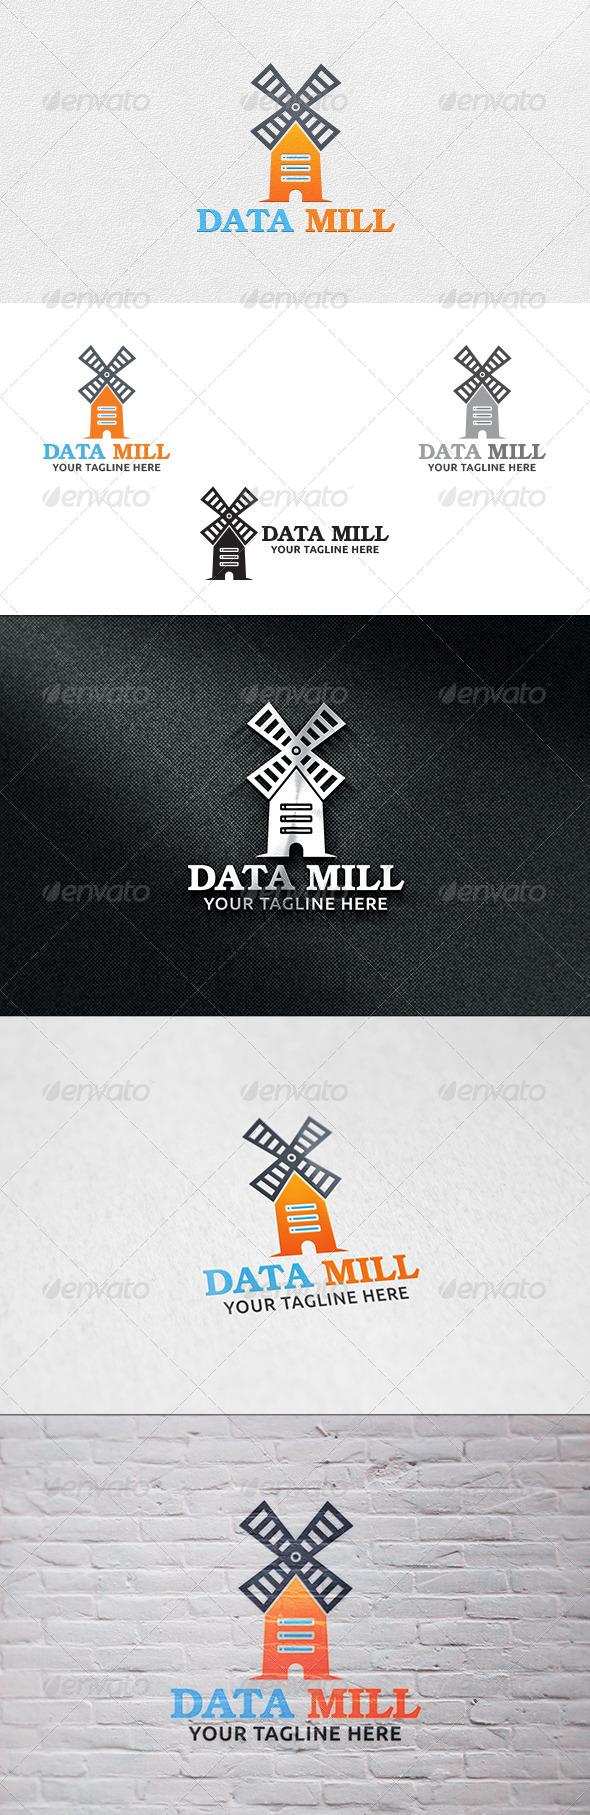 GraphicRiver Data Mill Logo Template 6835869